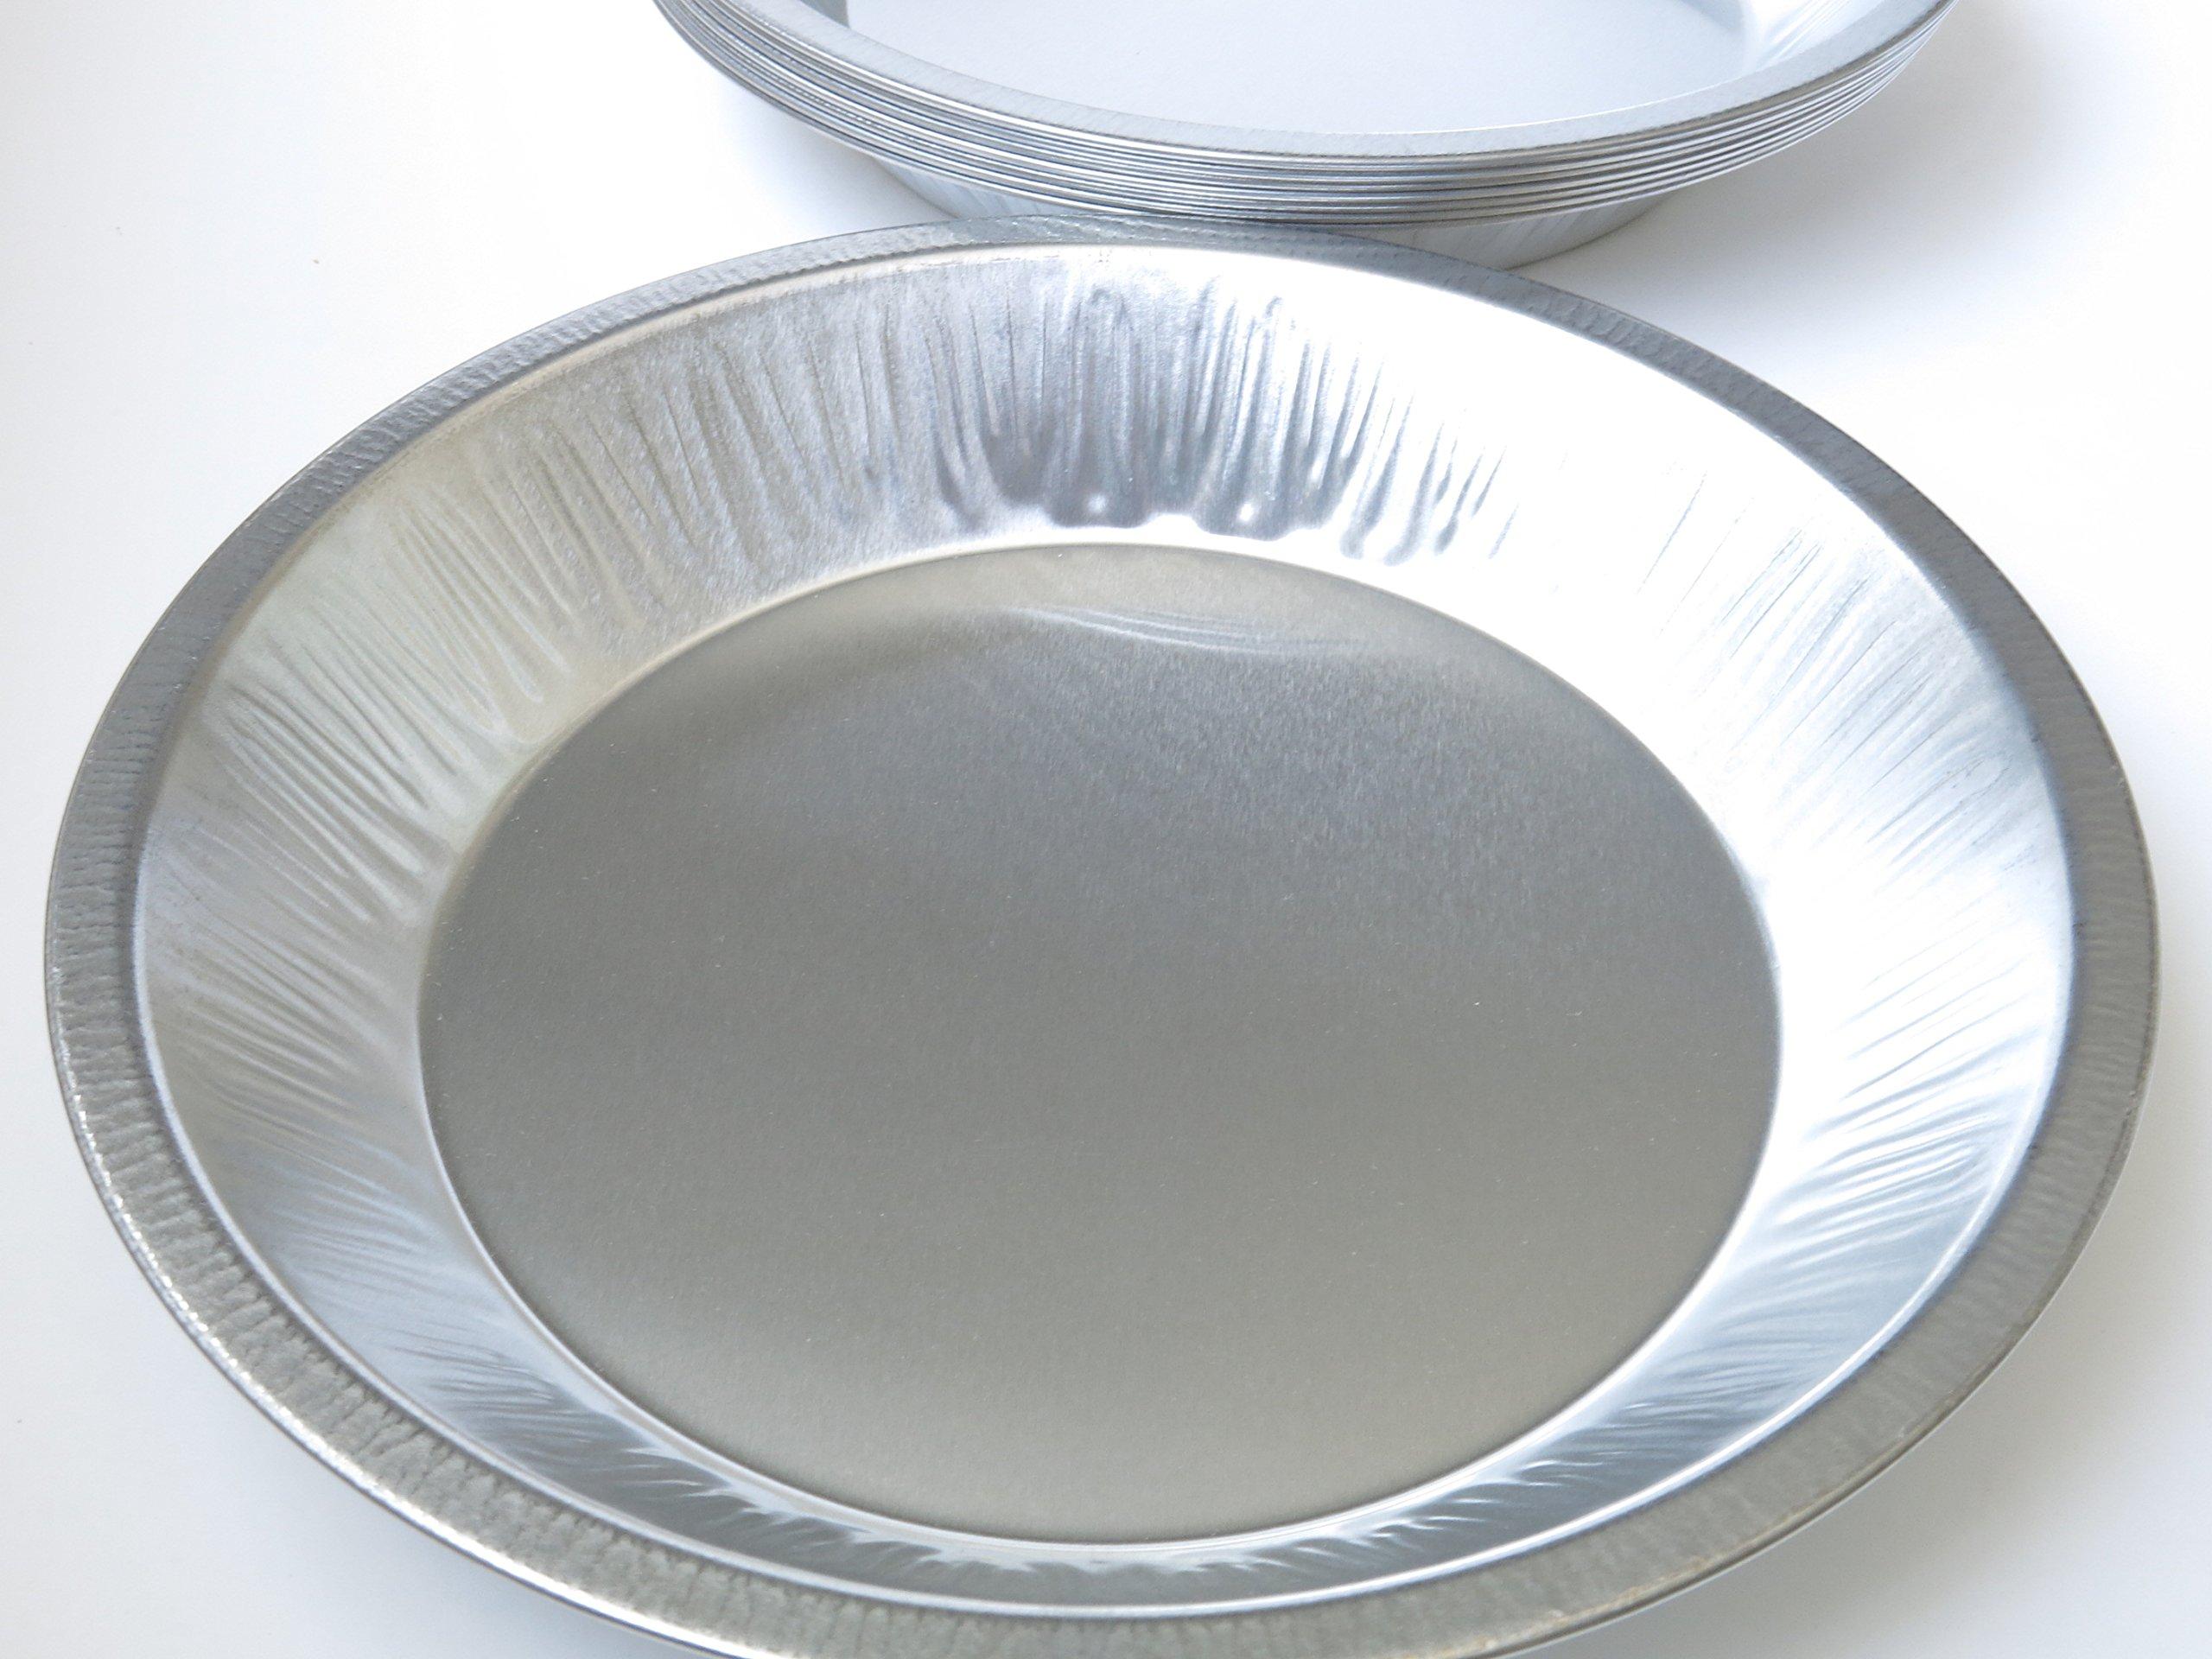 Heavy Duty Reusable/ Disposable 9 1/2 '' Deep Aluminum Pie Pans- #510 (200)